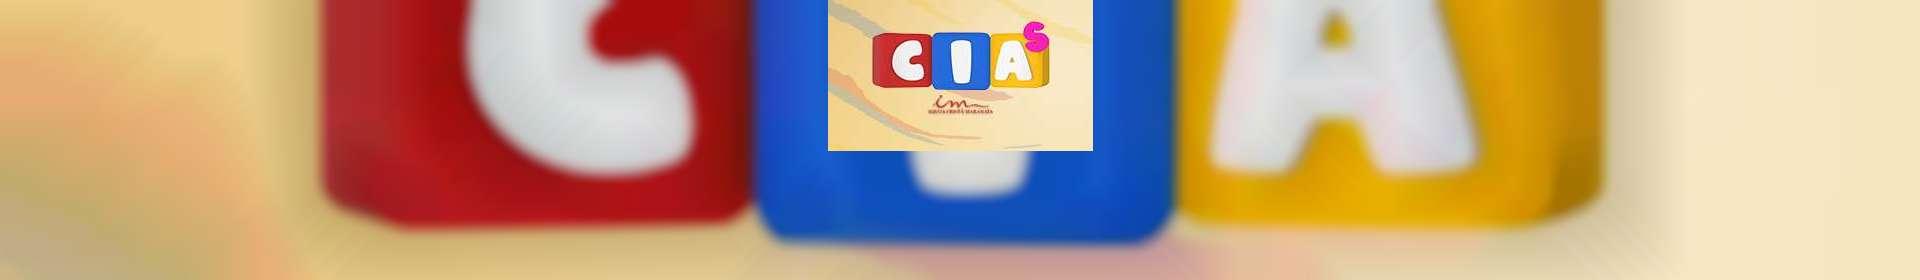 Aula de CIAS: classe de 0 a 3 anos e gestantes - 25 de junho de 2020